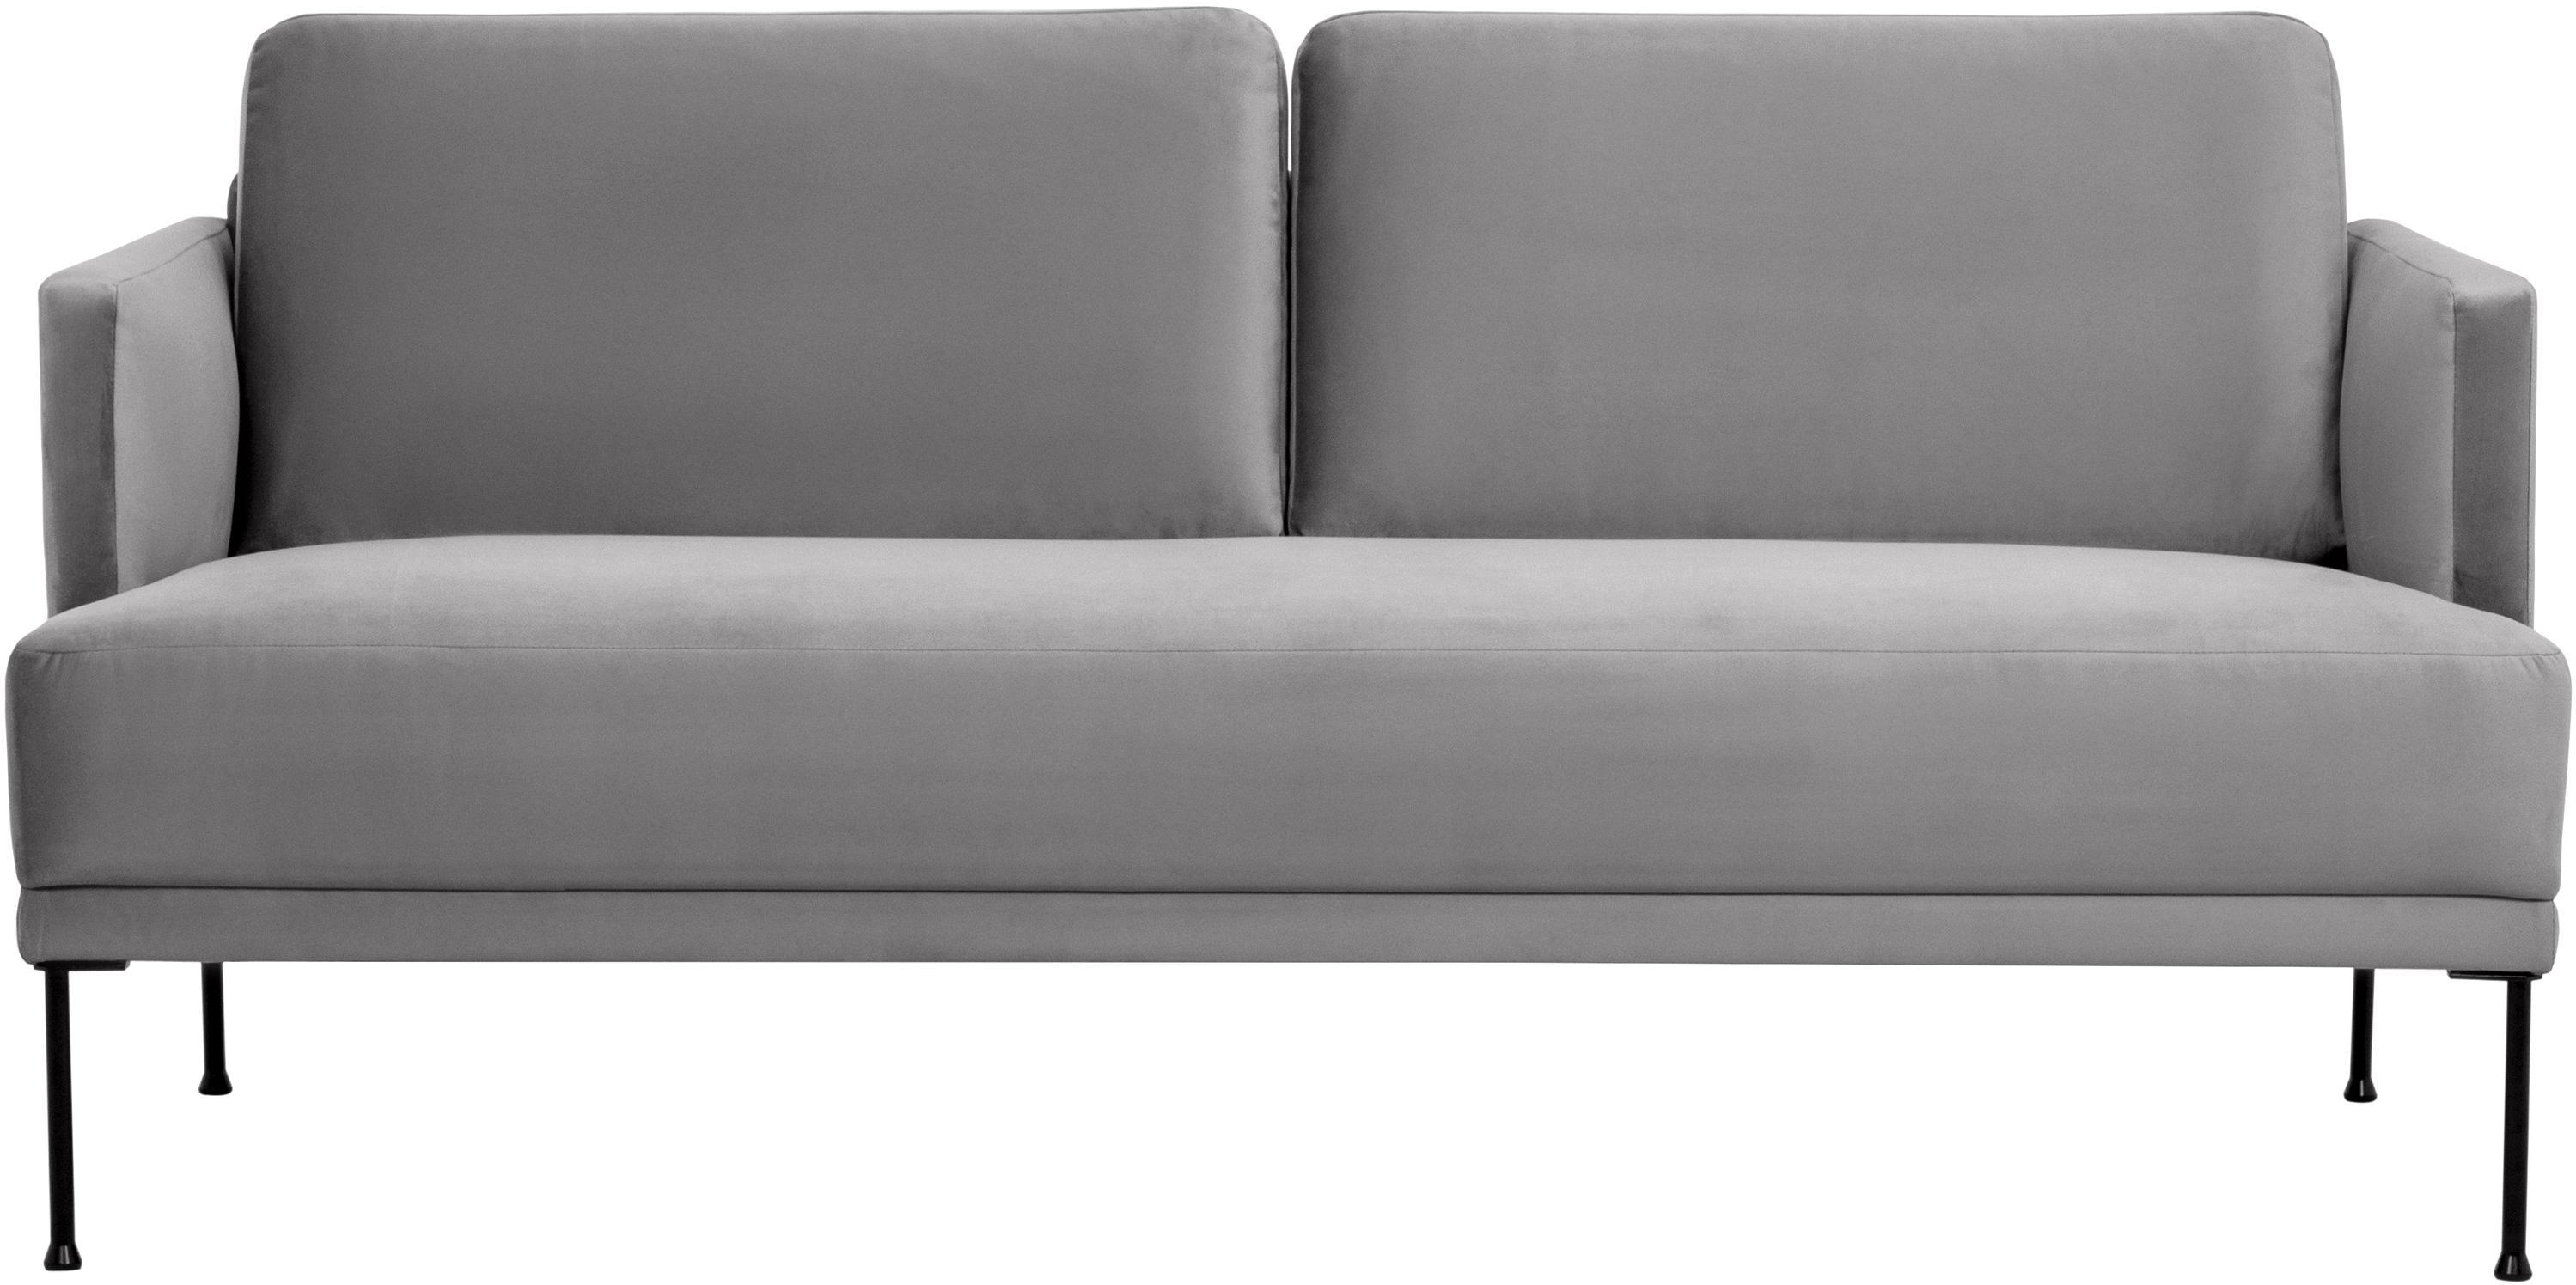 Fluwelen bank Fluente (2-zits), Bekleding: fluweel (hoogwaardig poly, Frame: massief grenenhout, Poten: gepoedercoat metaal, Lichtgrijs, B 166 x D 85 cm